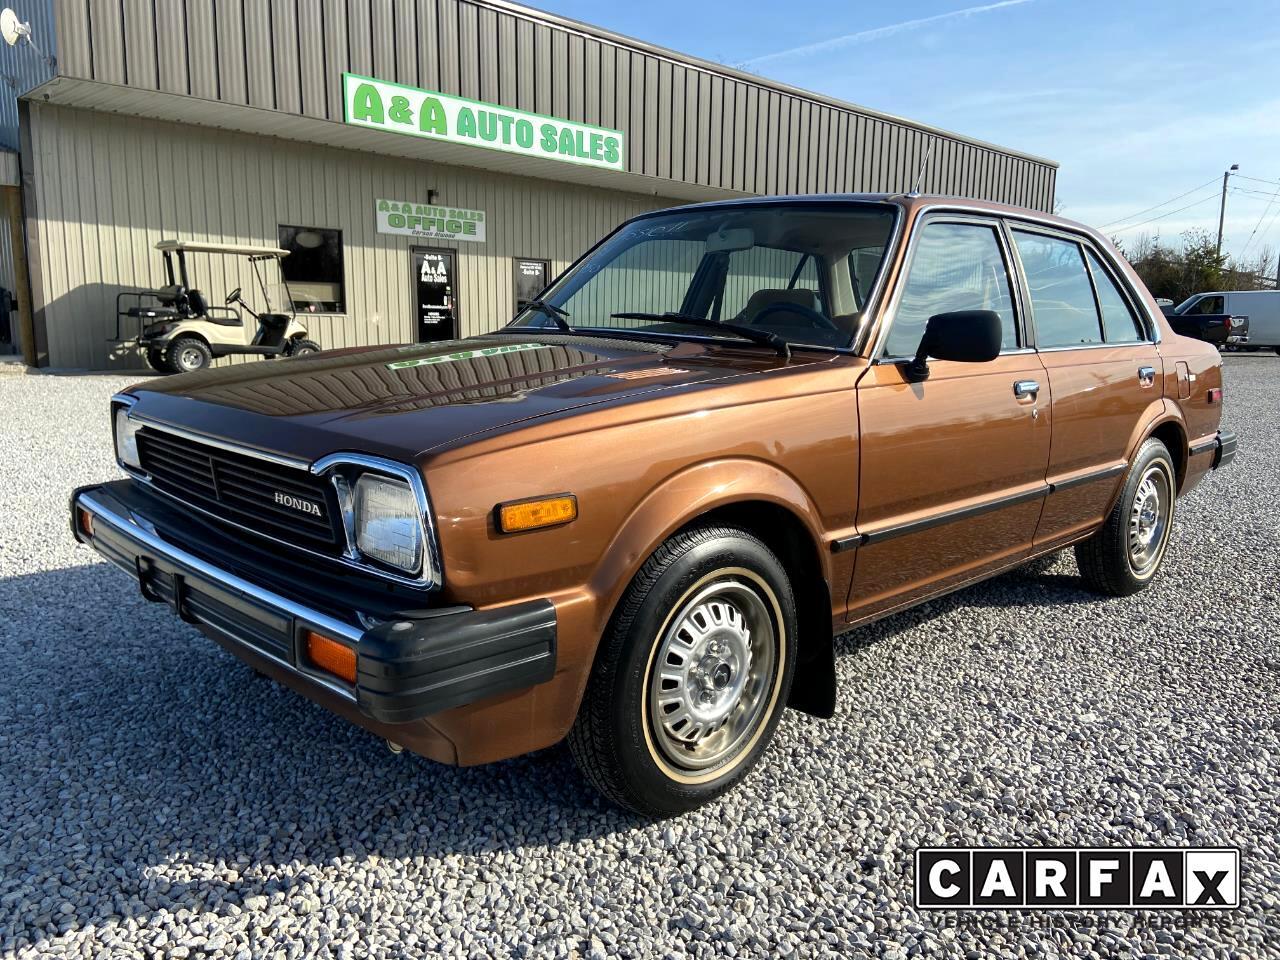 Honda Civic 4-Door Sedan 1981